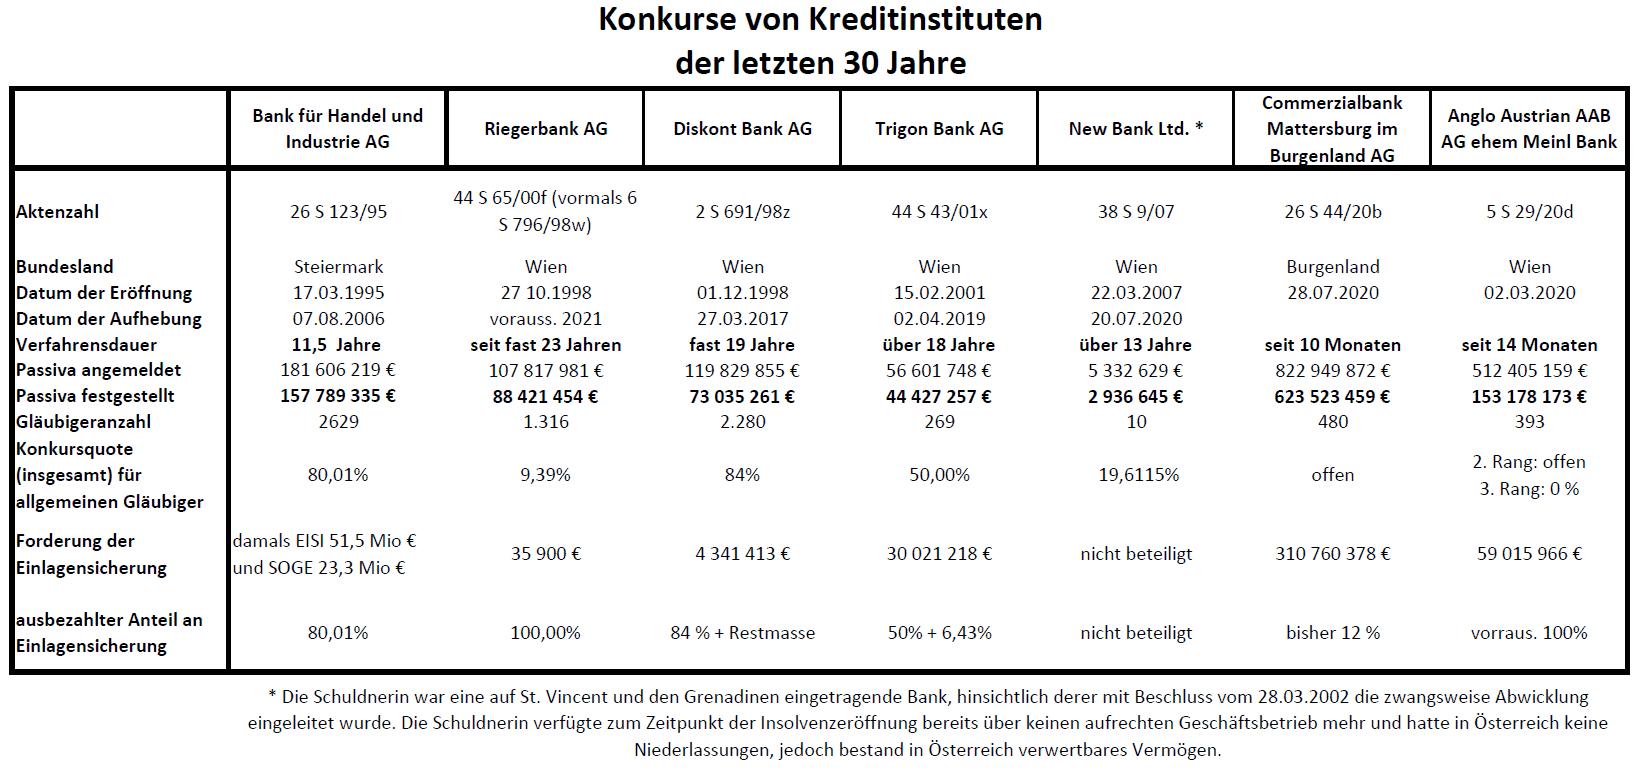 Konkurse-von-Kreditinstituten-letzte-30-Jahre_19.05.2021